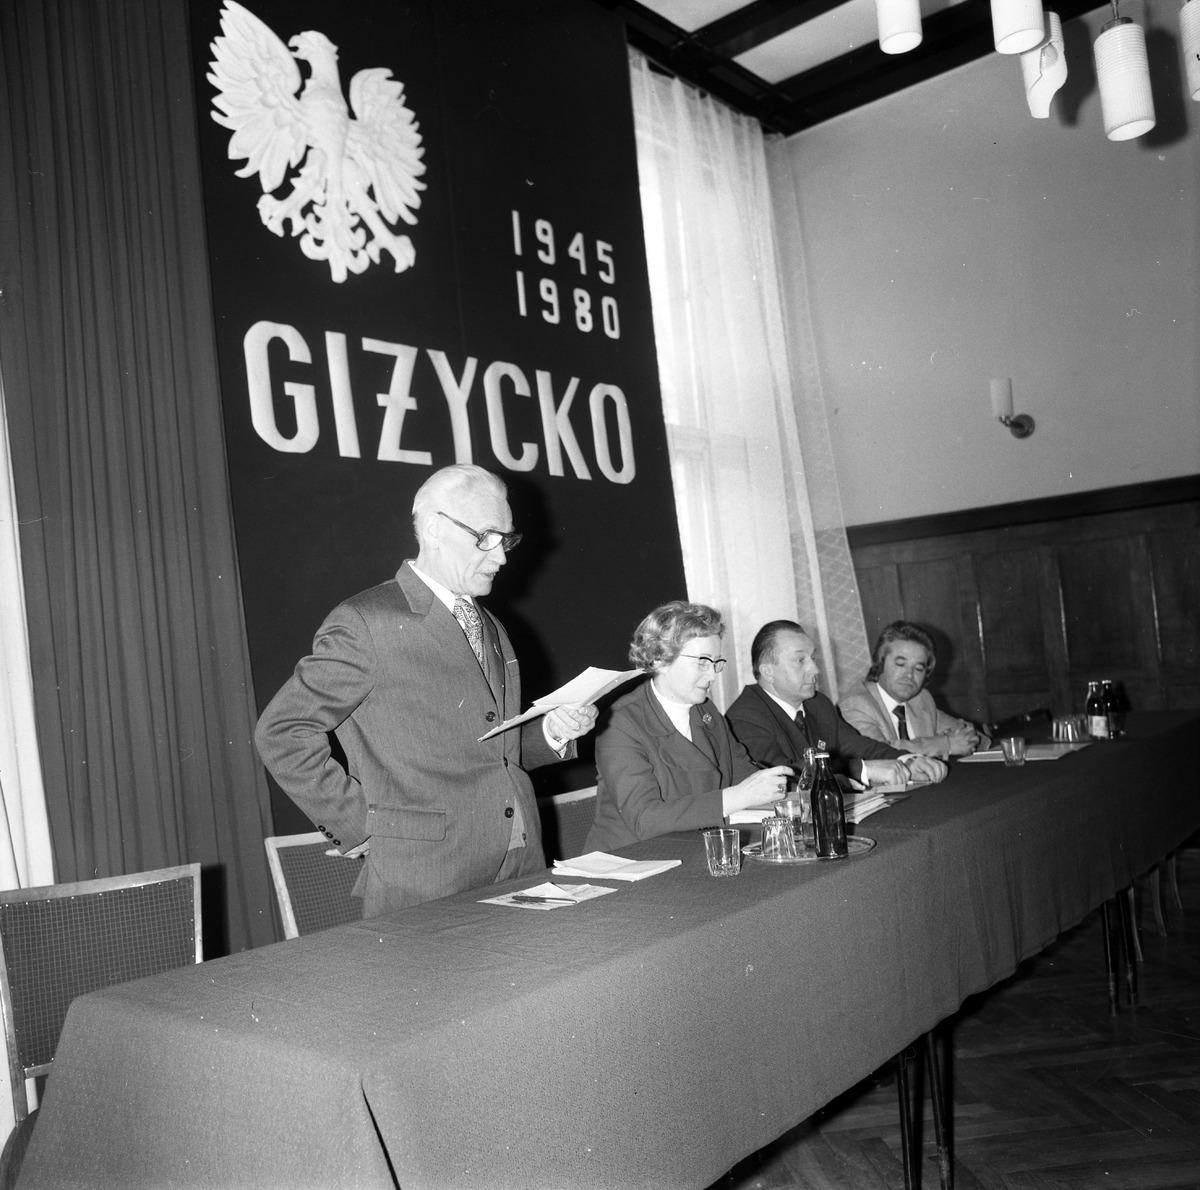 Zjazd Towarzystwa Miłośników Ziemi Giżyckiej, 1980 r.  [2]